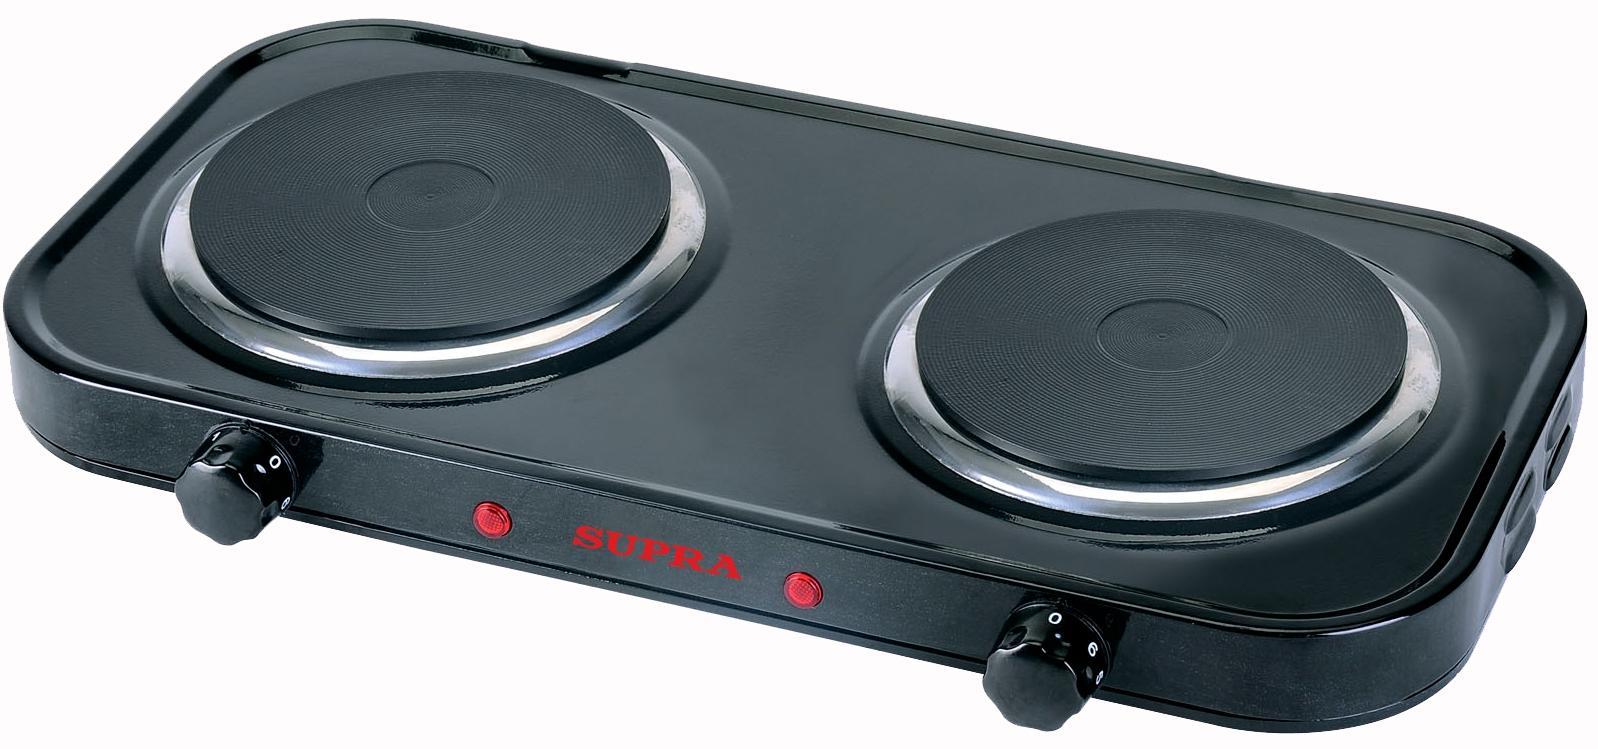 Электрическая настольная плита Supra HS-201 black от Ravta